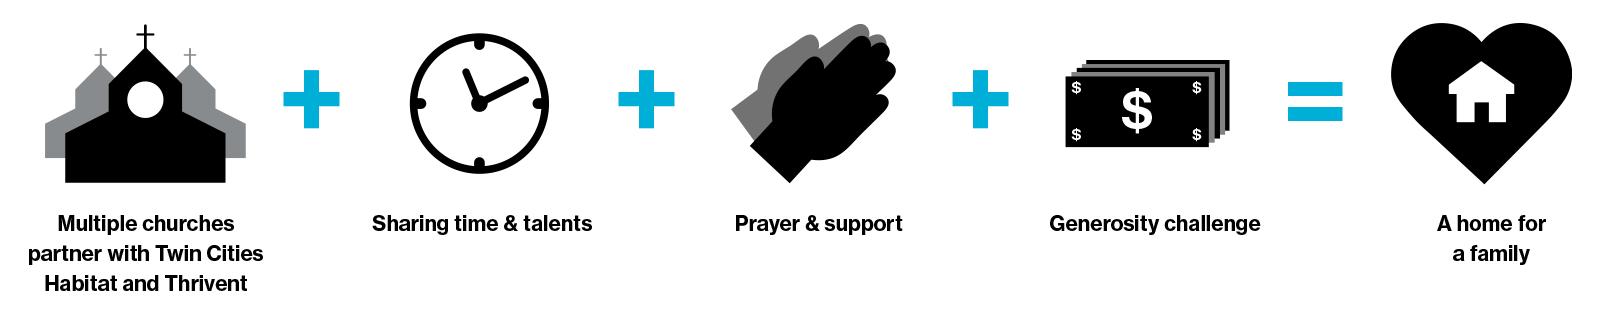 faithbuild_infographic.png